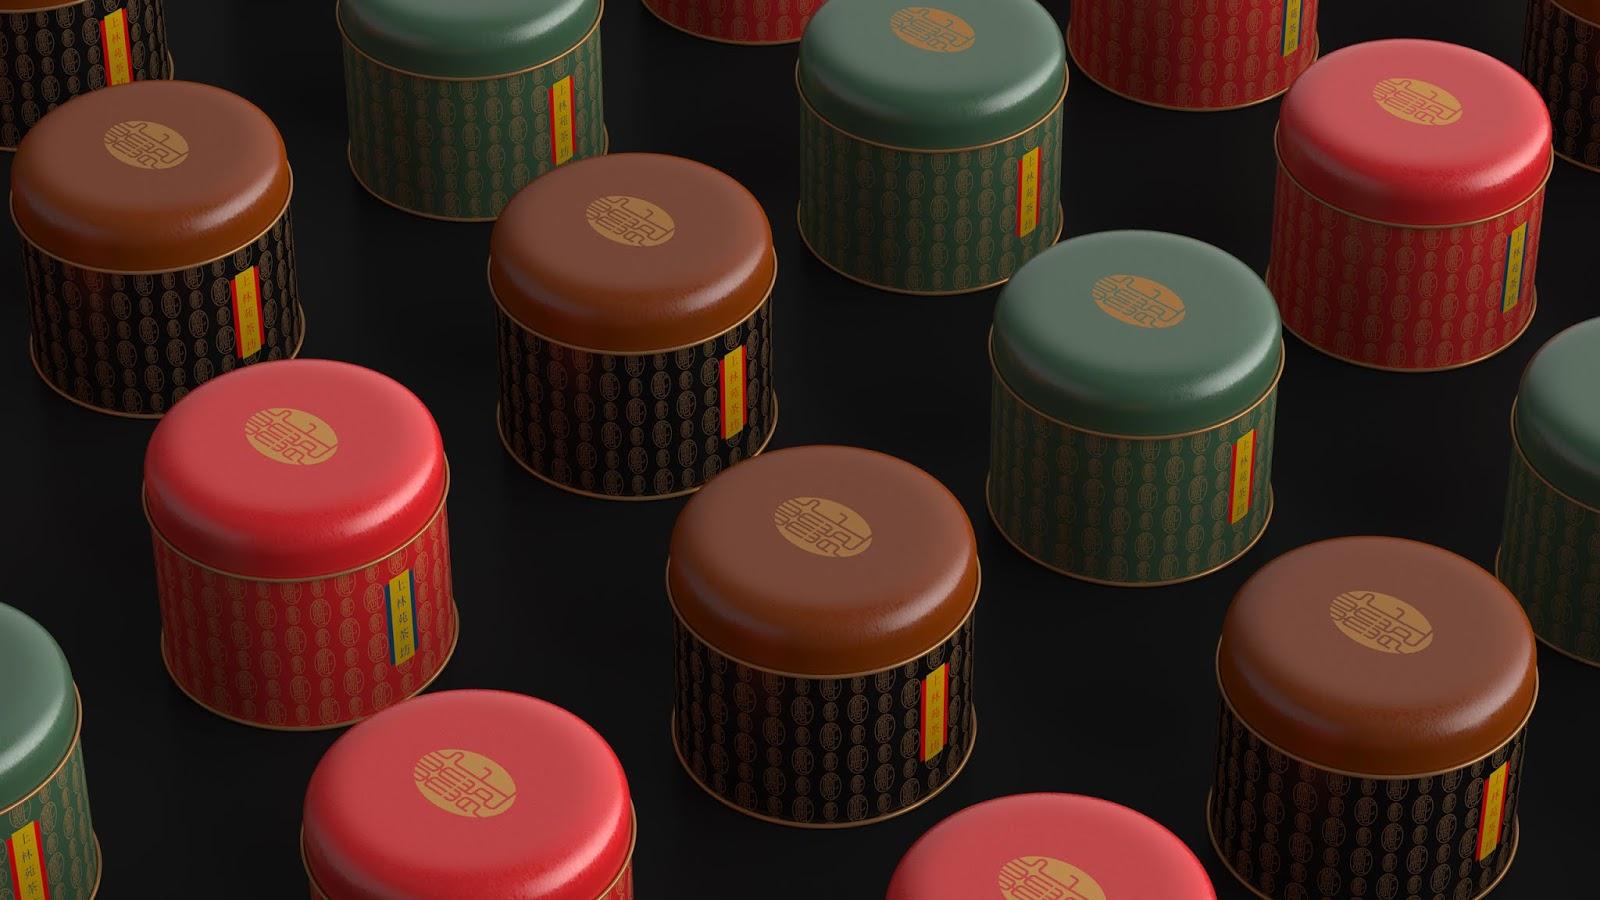 小罐茶铁罐1